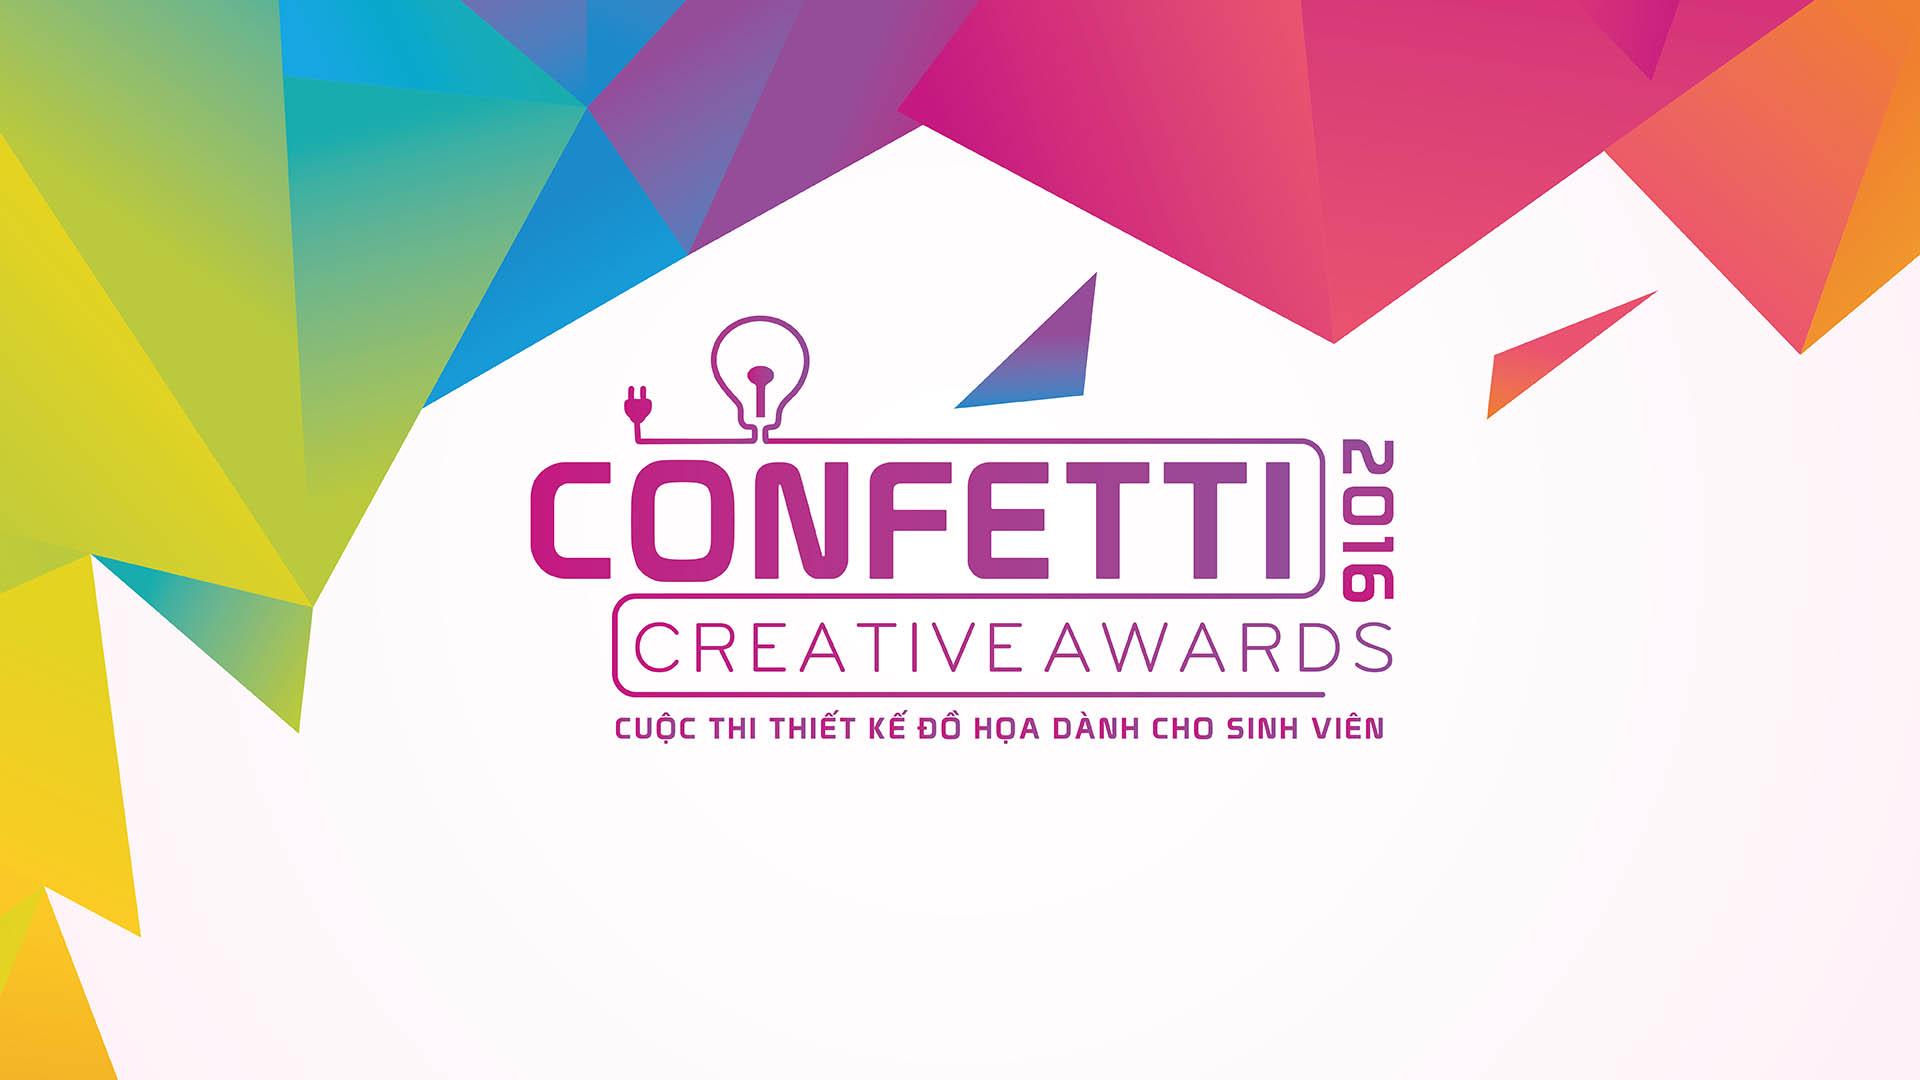 <h1>CONFETTI CREATIVE AWARD 2016</h1><p>Cuộc so tài dành cho sinh viên Thiết kế đồ họa với tổng giải thưởng trên 160 triệu đồng</p>